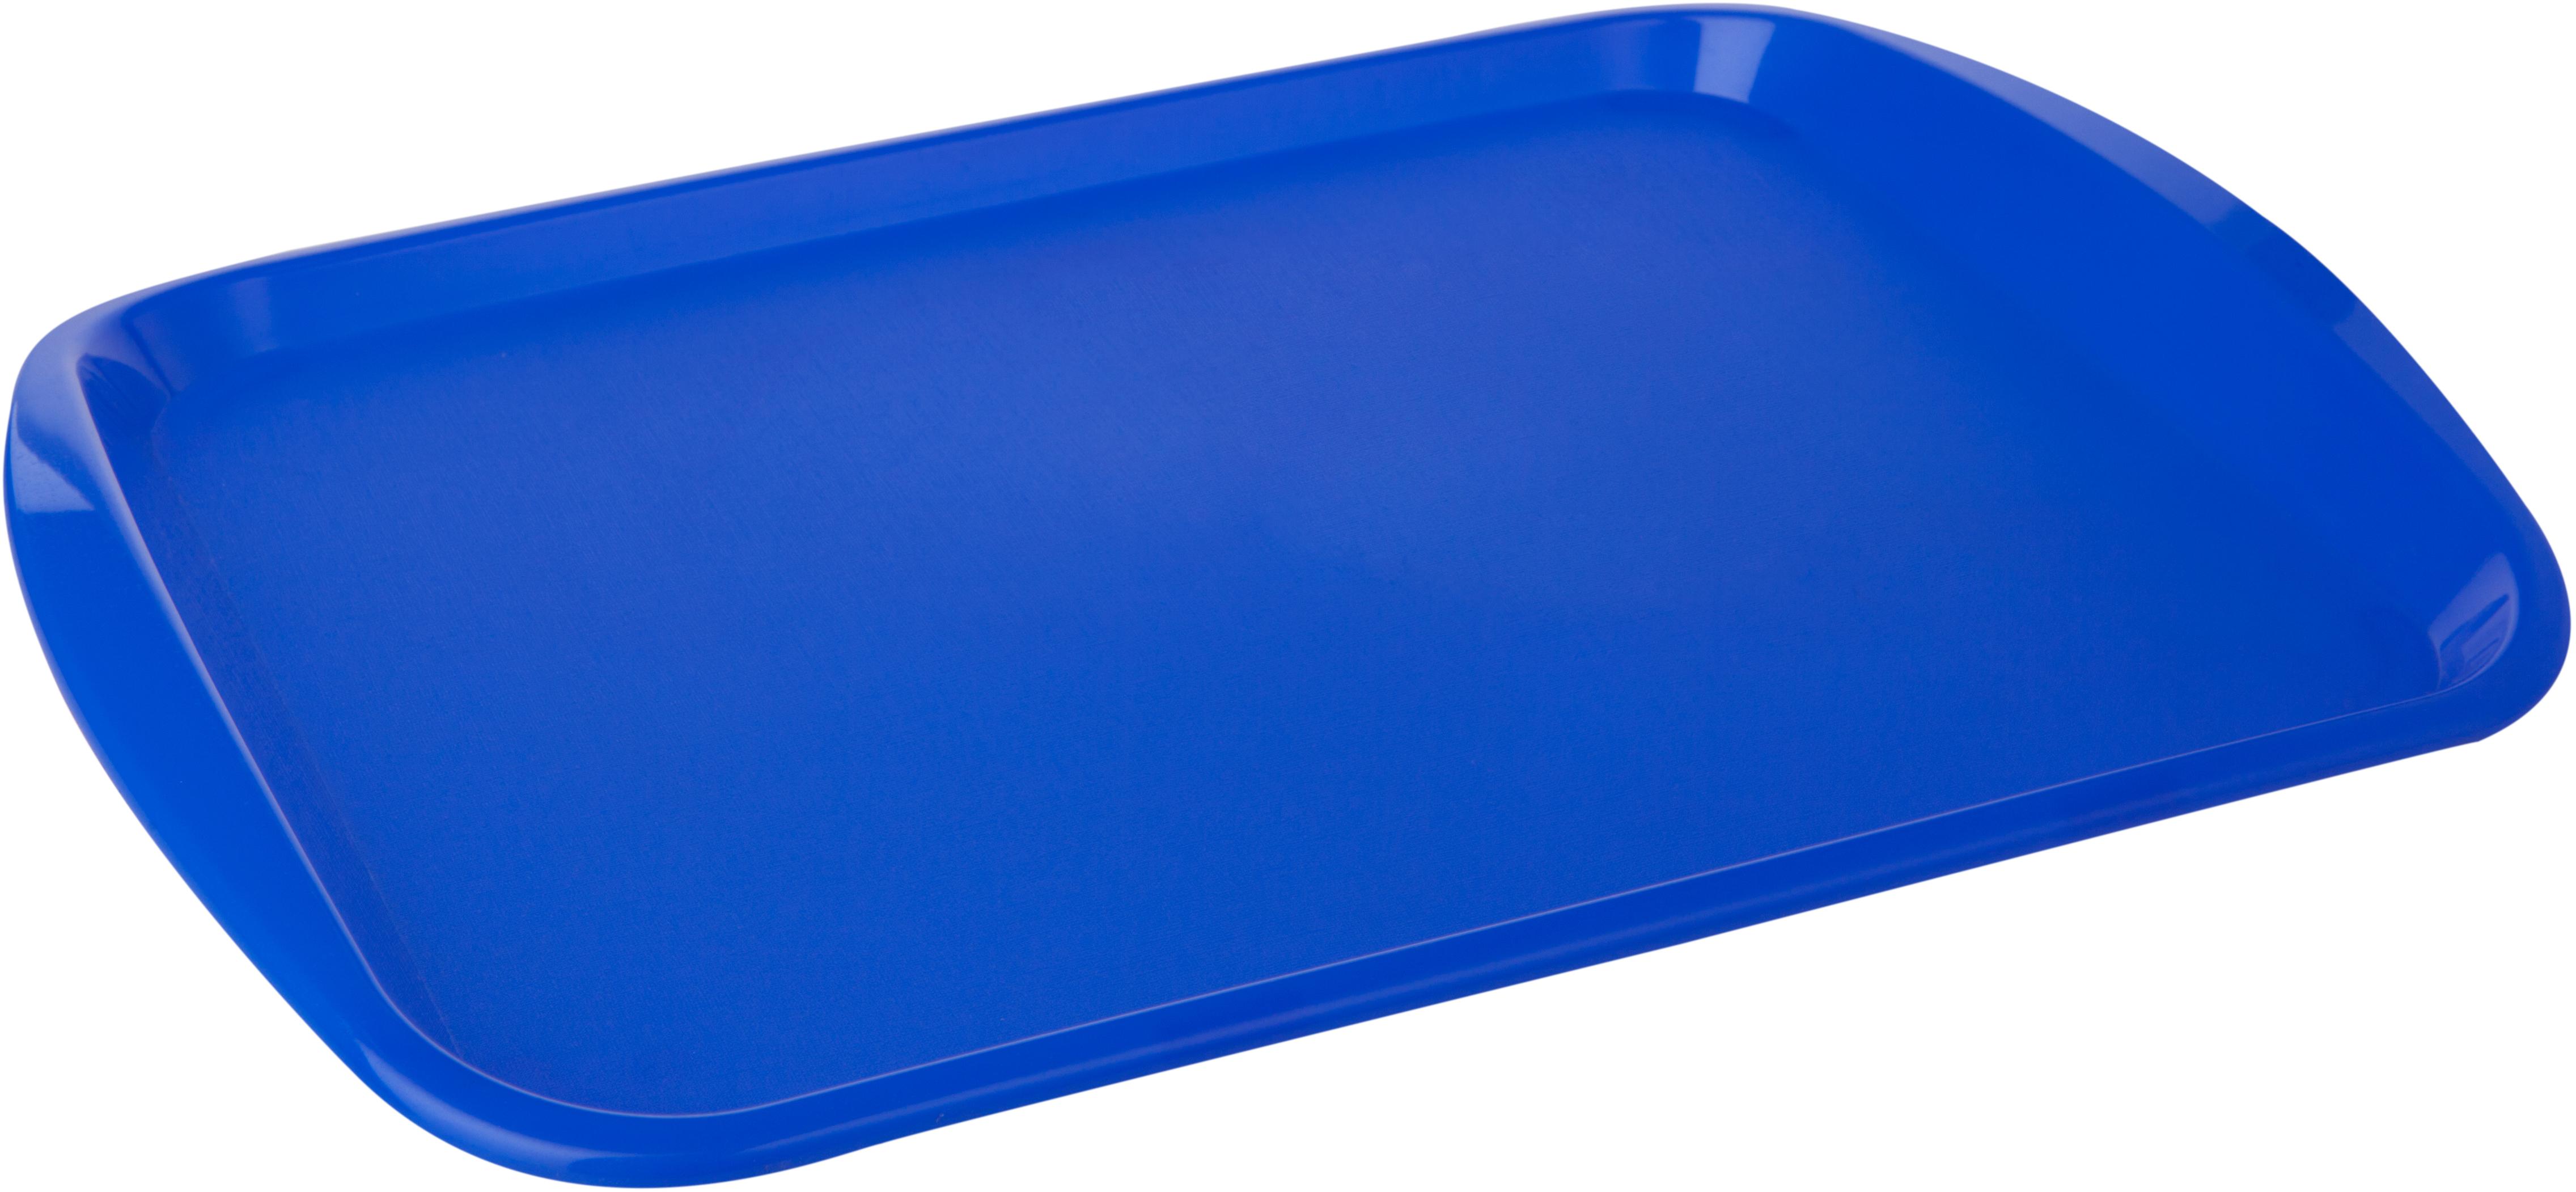 Поднос Plast Team, цвет: синий, прямоугольный, 47 х 33 х 3 см поднос 33 8х16 9 см orval creations цвет мультиколор